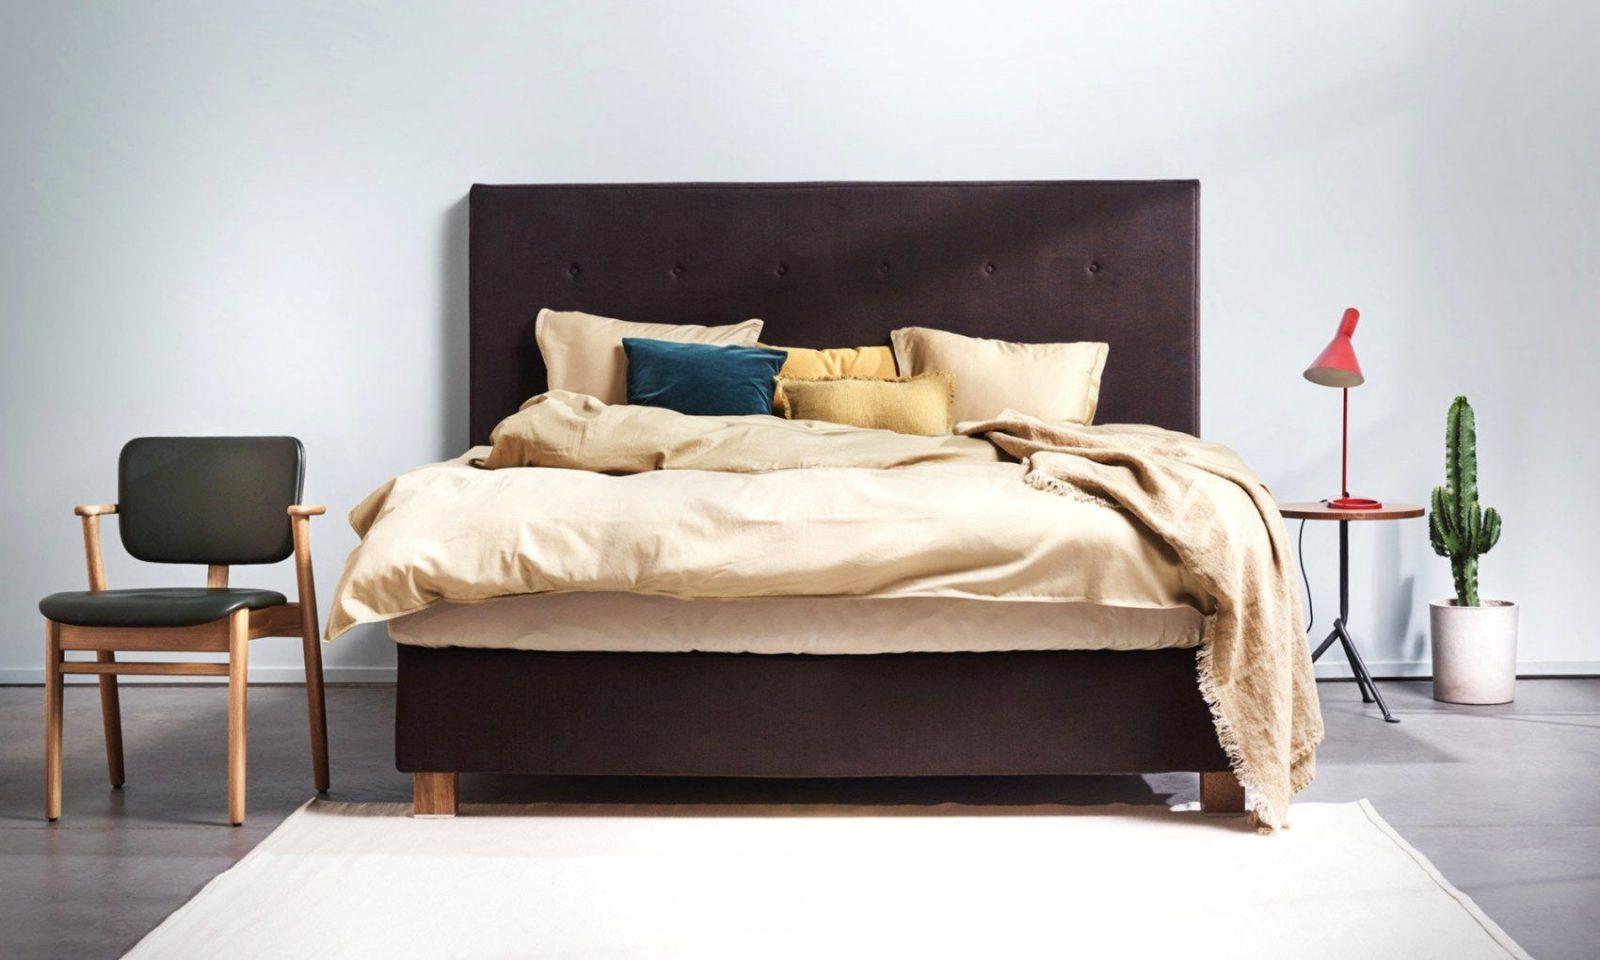 Wunderschöne Inspiration Bett Continental Aurea Von Fennobed Und von Boxspringbetten Qvc Hersteller Bild